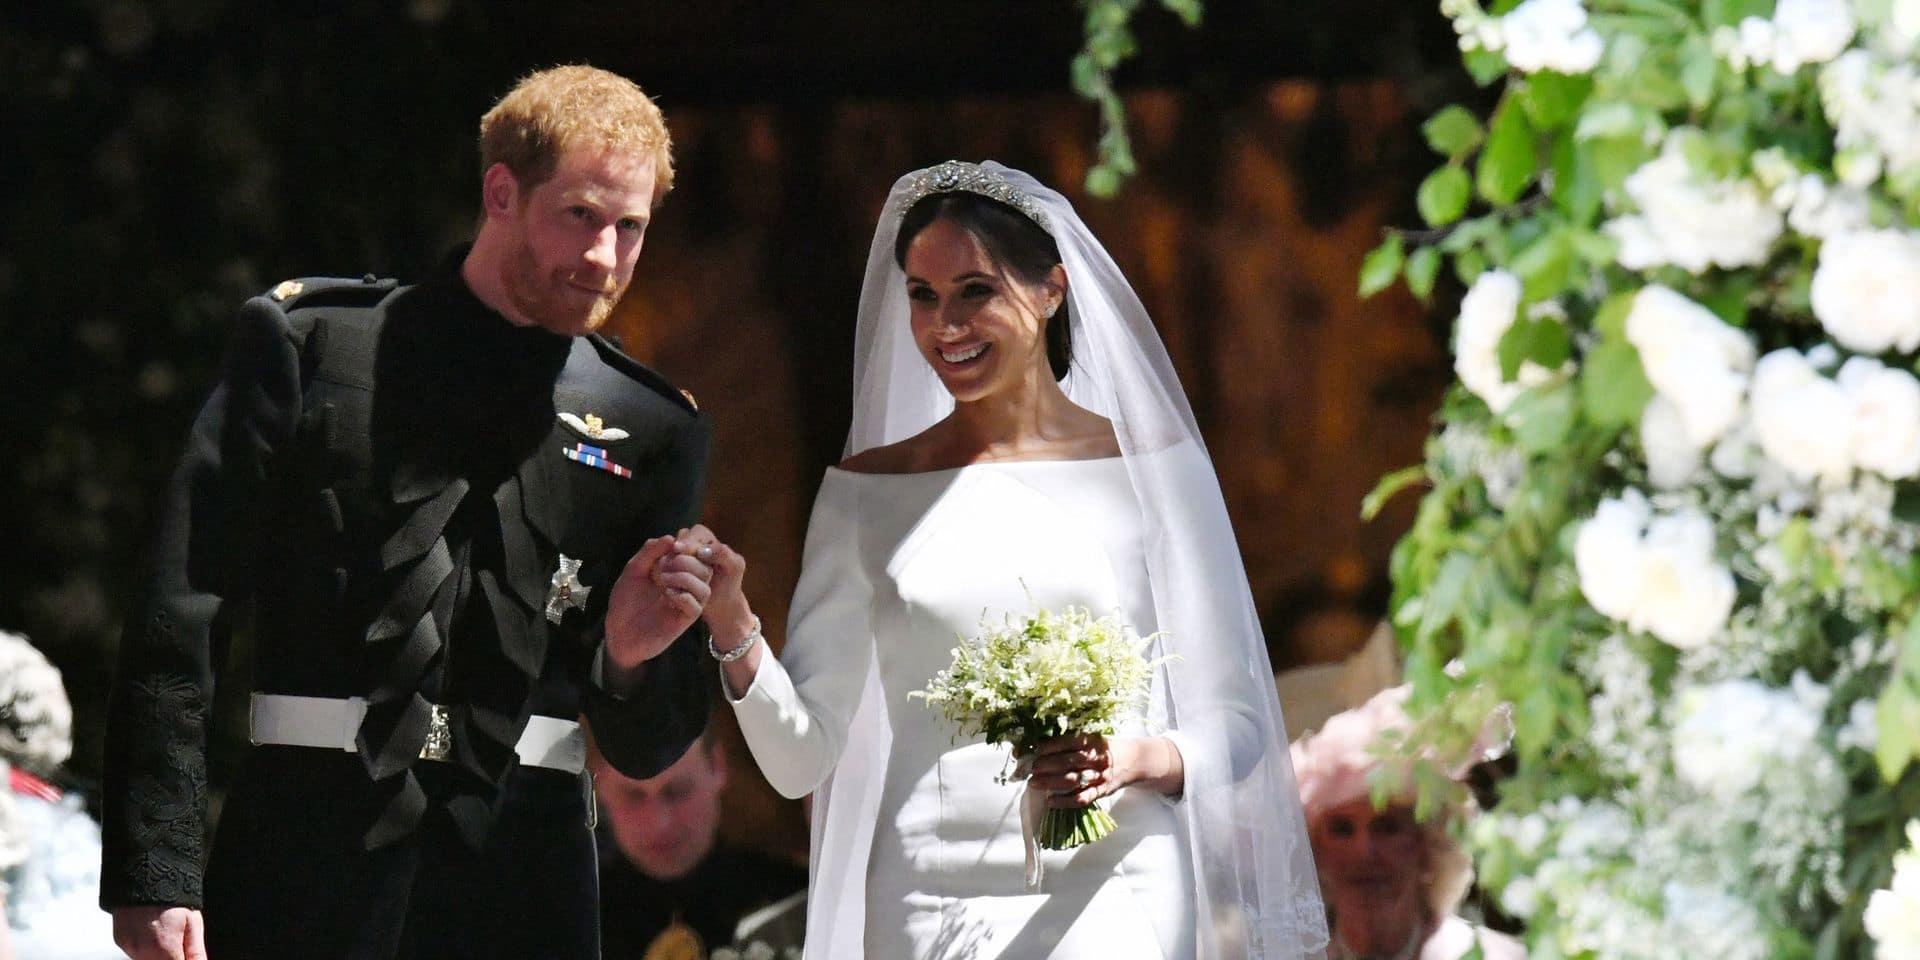 Meghan et Harry: un membre de l'Église affirme que leur mariage secret n'a pas eu lieu